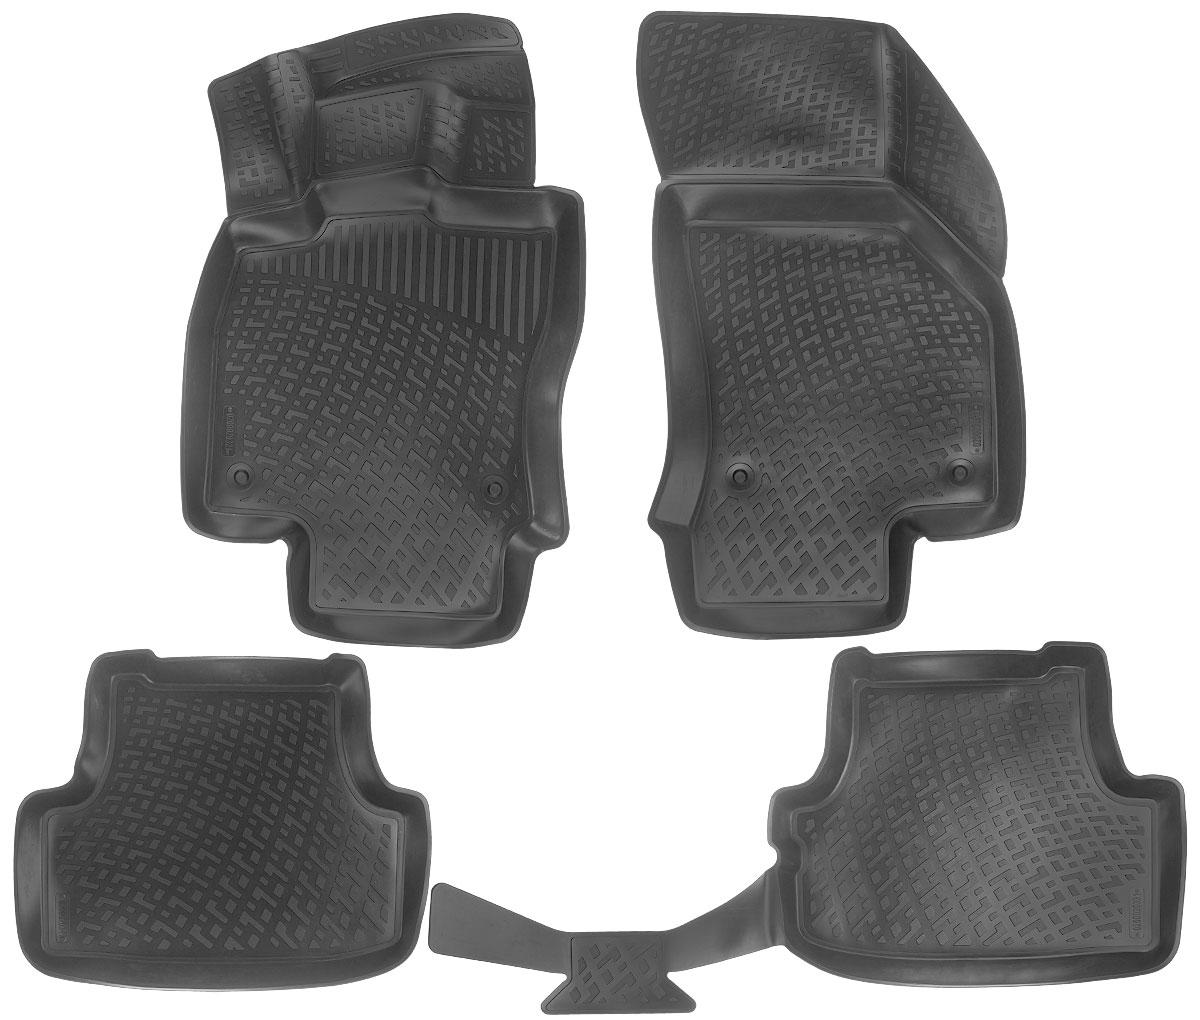 Набор автомобильных ковриков L.Locker Audi A3 (8V) Sportback 2012, в салон, 4 шт0200020301Набор L.Locker Audi A3 (8V) Sportback 2012, изготовленный из полиуретана, состоит из 4 ковриков, которые производятся индивидуально для каждой модели автомобиля. Изделие точно повторяет геометрию пола автомобиля, имеет высокий борт, обладает повышенной износоустойчивостью, лишен резкого запаха и сохраняет свои потребительские свойства в широком диапазоне температур от -50°С до +80°С. В набор входят 7 специальных креплений и инструкция на русском языке по их фиксации. Комплектация: 4 шт. Размер ковриков: 87 см х 55 см; 58 см х 46 см; 106 см х 46 см; 84 см х 51 см.